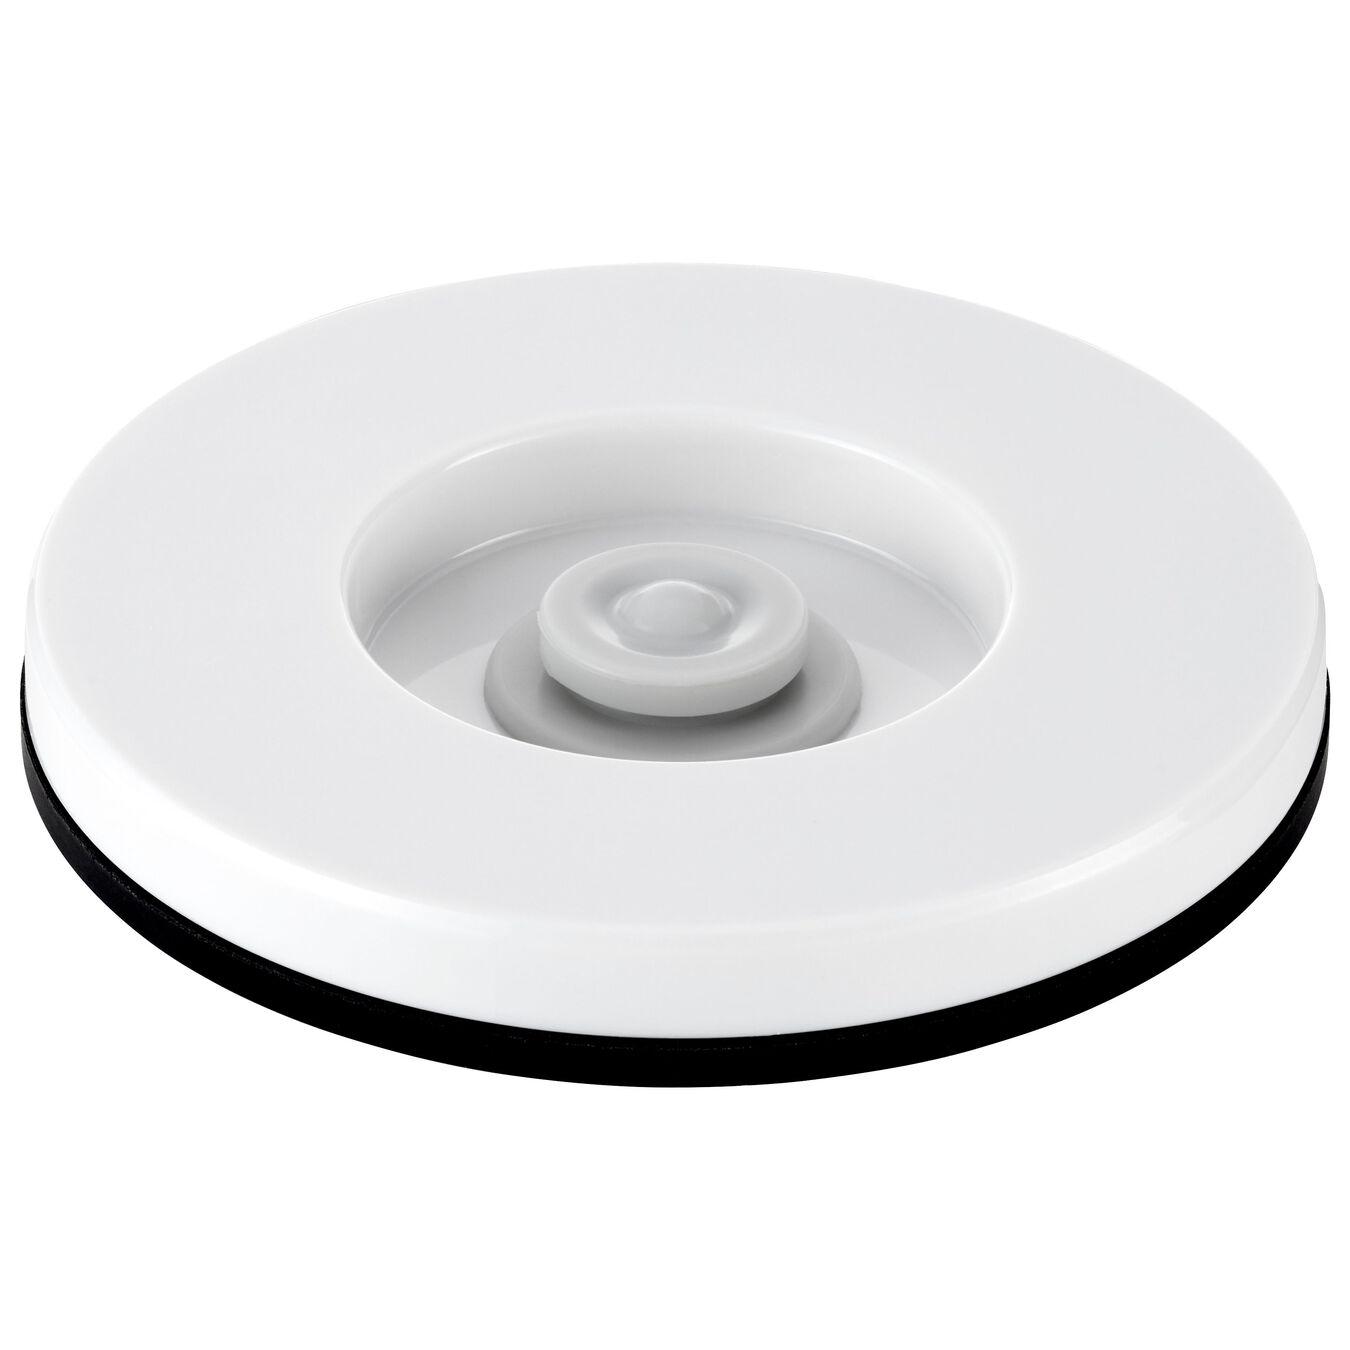 Standmixer Universal Zubehör Set 1,4 l, Weiß,,large 3